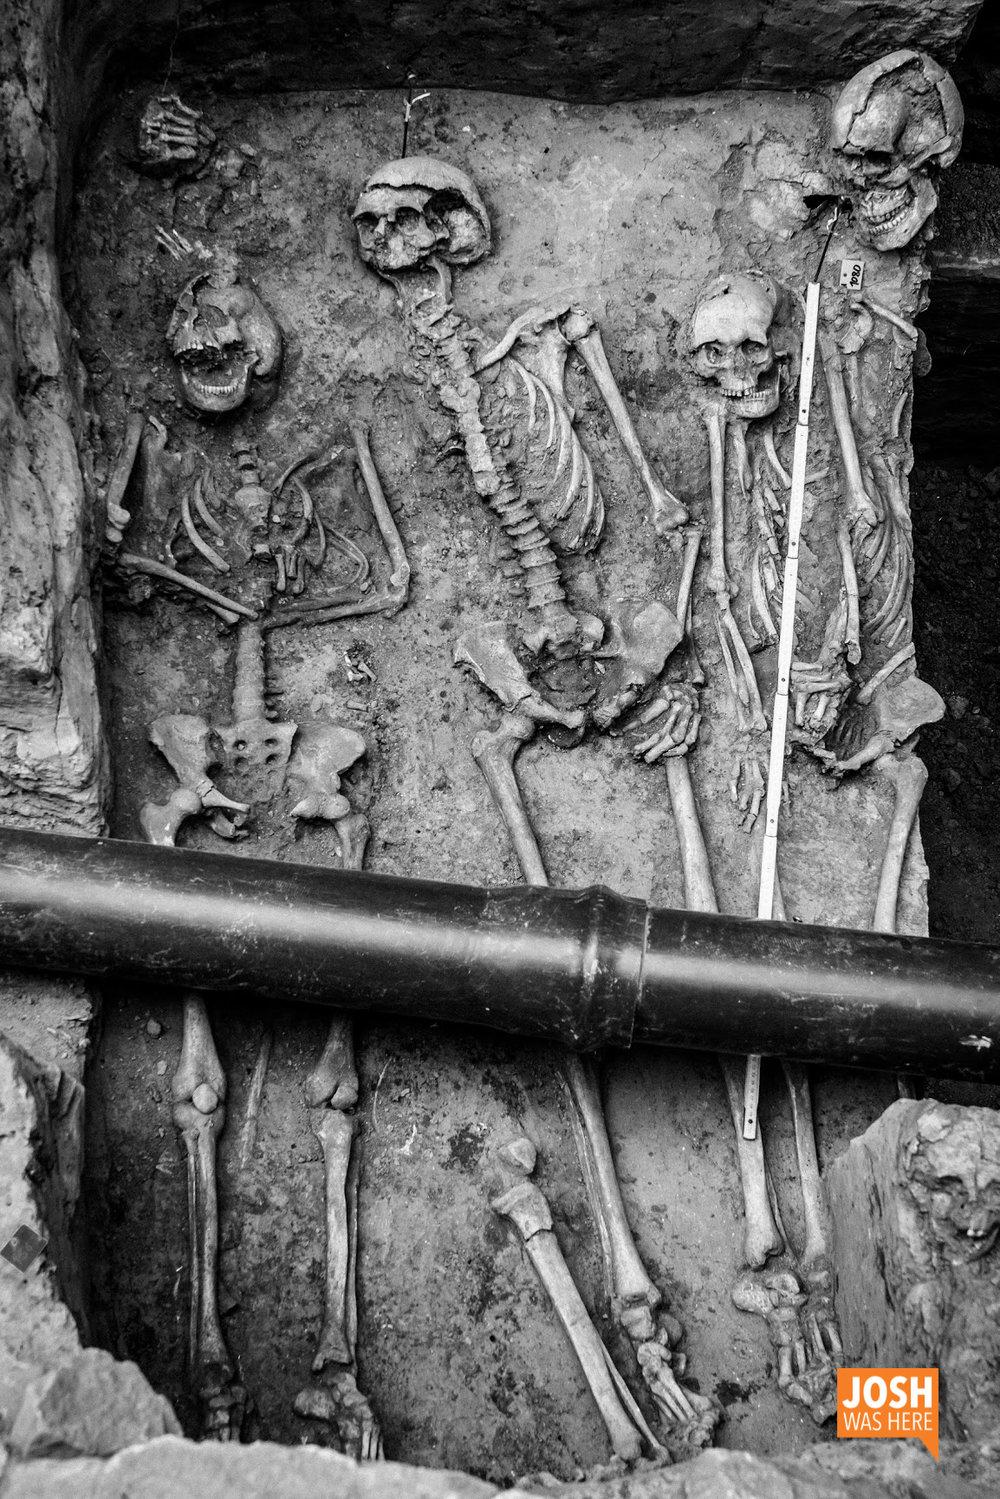 Skeleton dig site